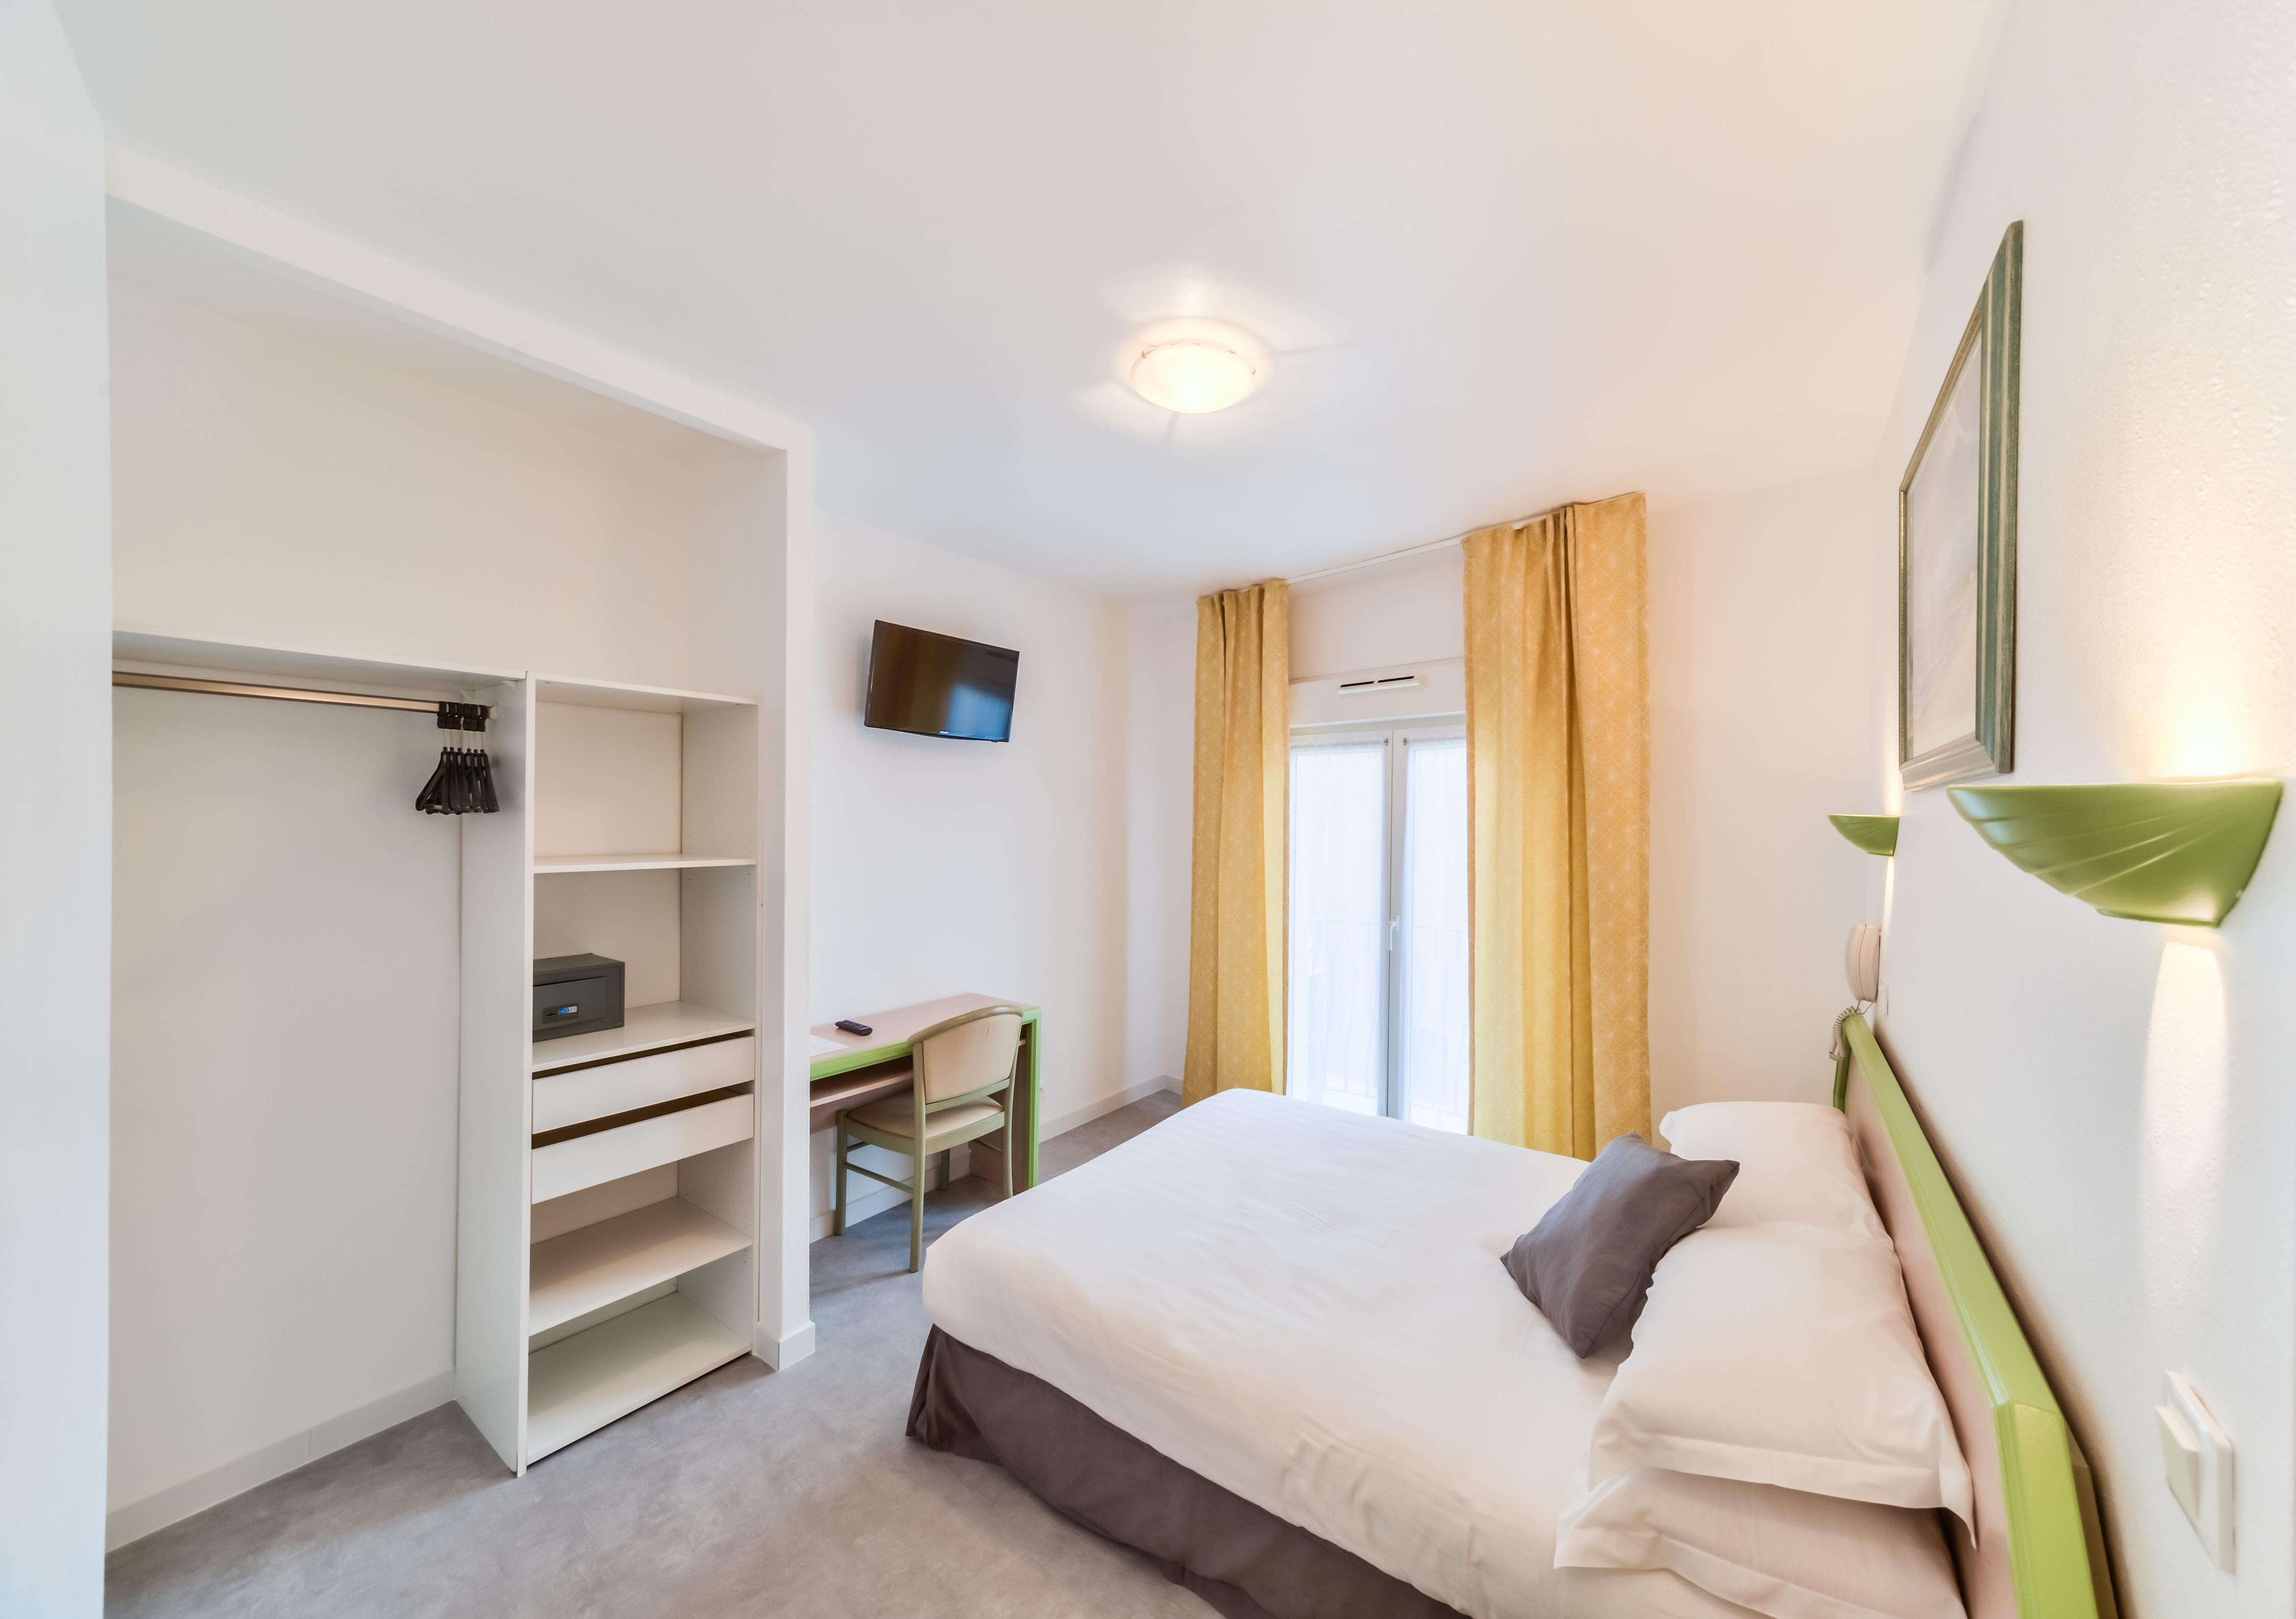 les chambres standard de l 39 h tel h tel provencal saint rapha l. Black Bedroom Furniture Sets. Home Design Ideas